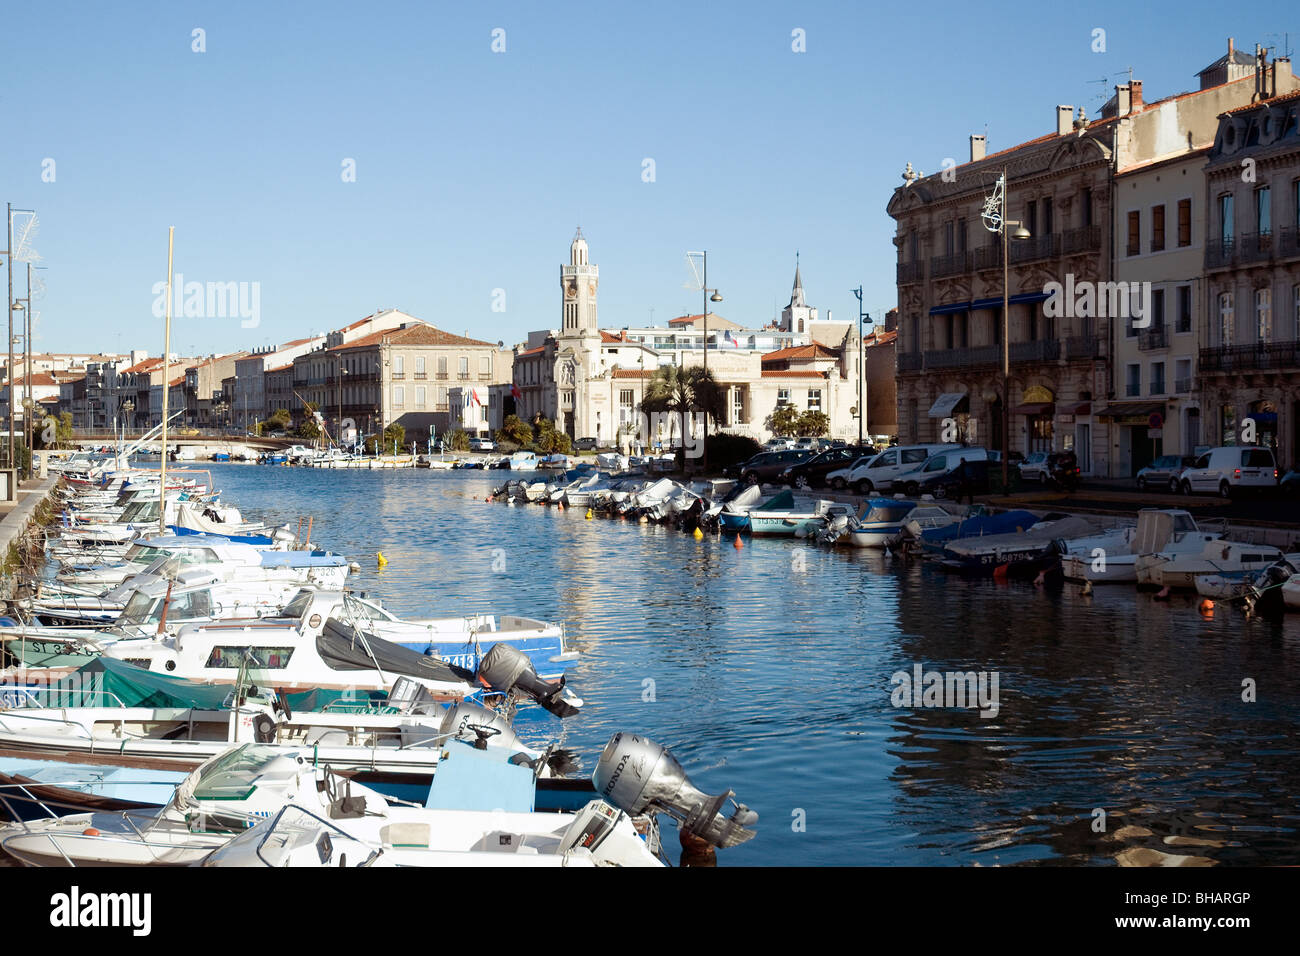 El barco-rayado Royal Canal es la principal vía fluvial en Sète, Francia, el mayor puerto pesquero del Mediterráneo Foto de stock